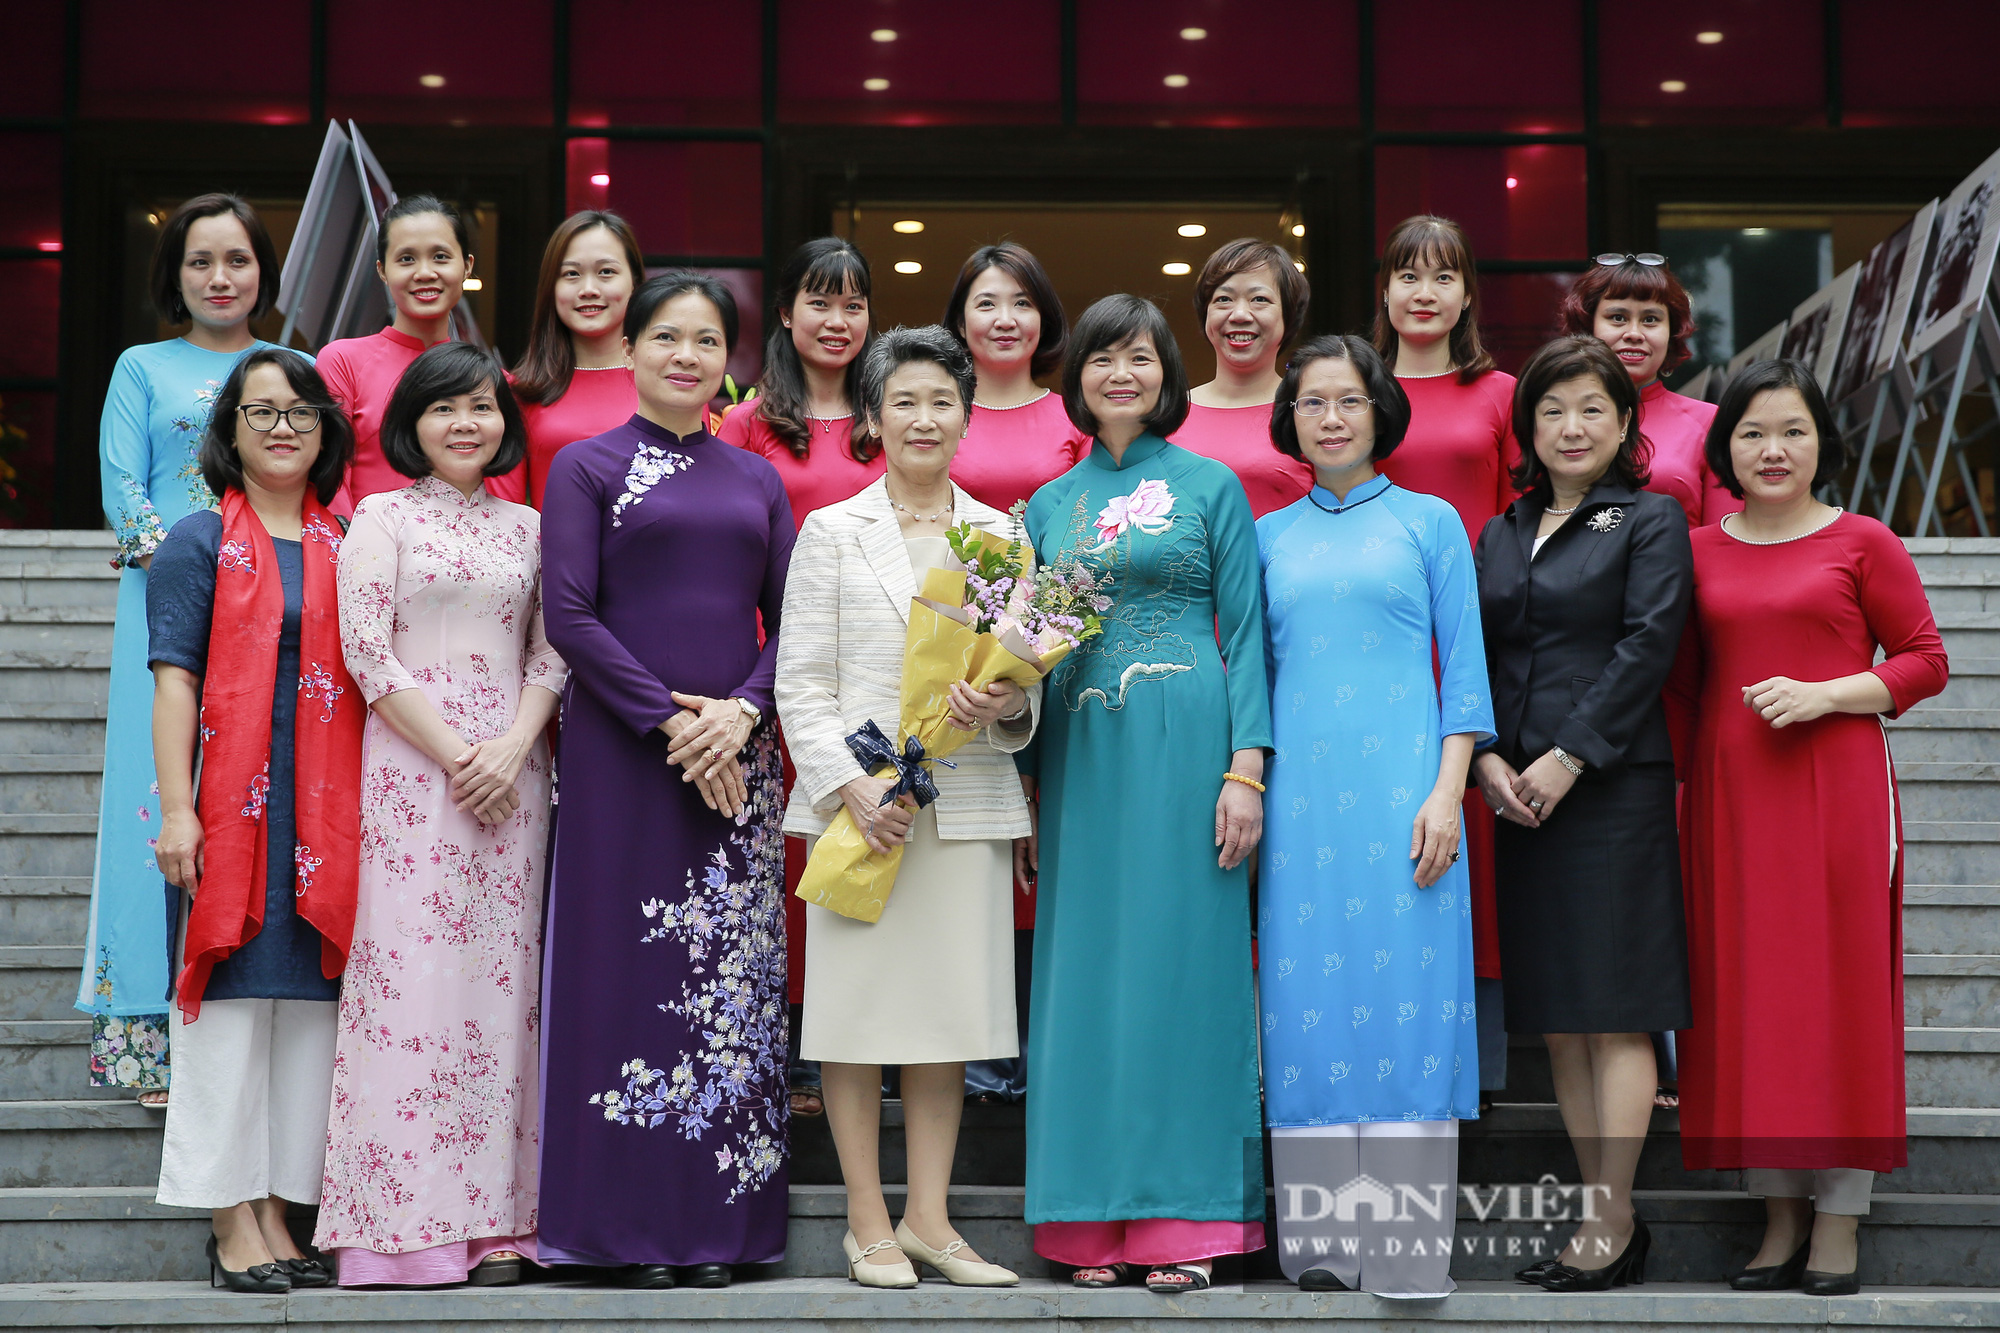 Phu nhân Thủ tướng Nhật Bản tham quan bảo tàng Phụ nữ Việt Nam - Ảnh 5.